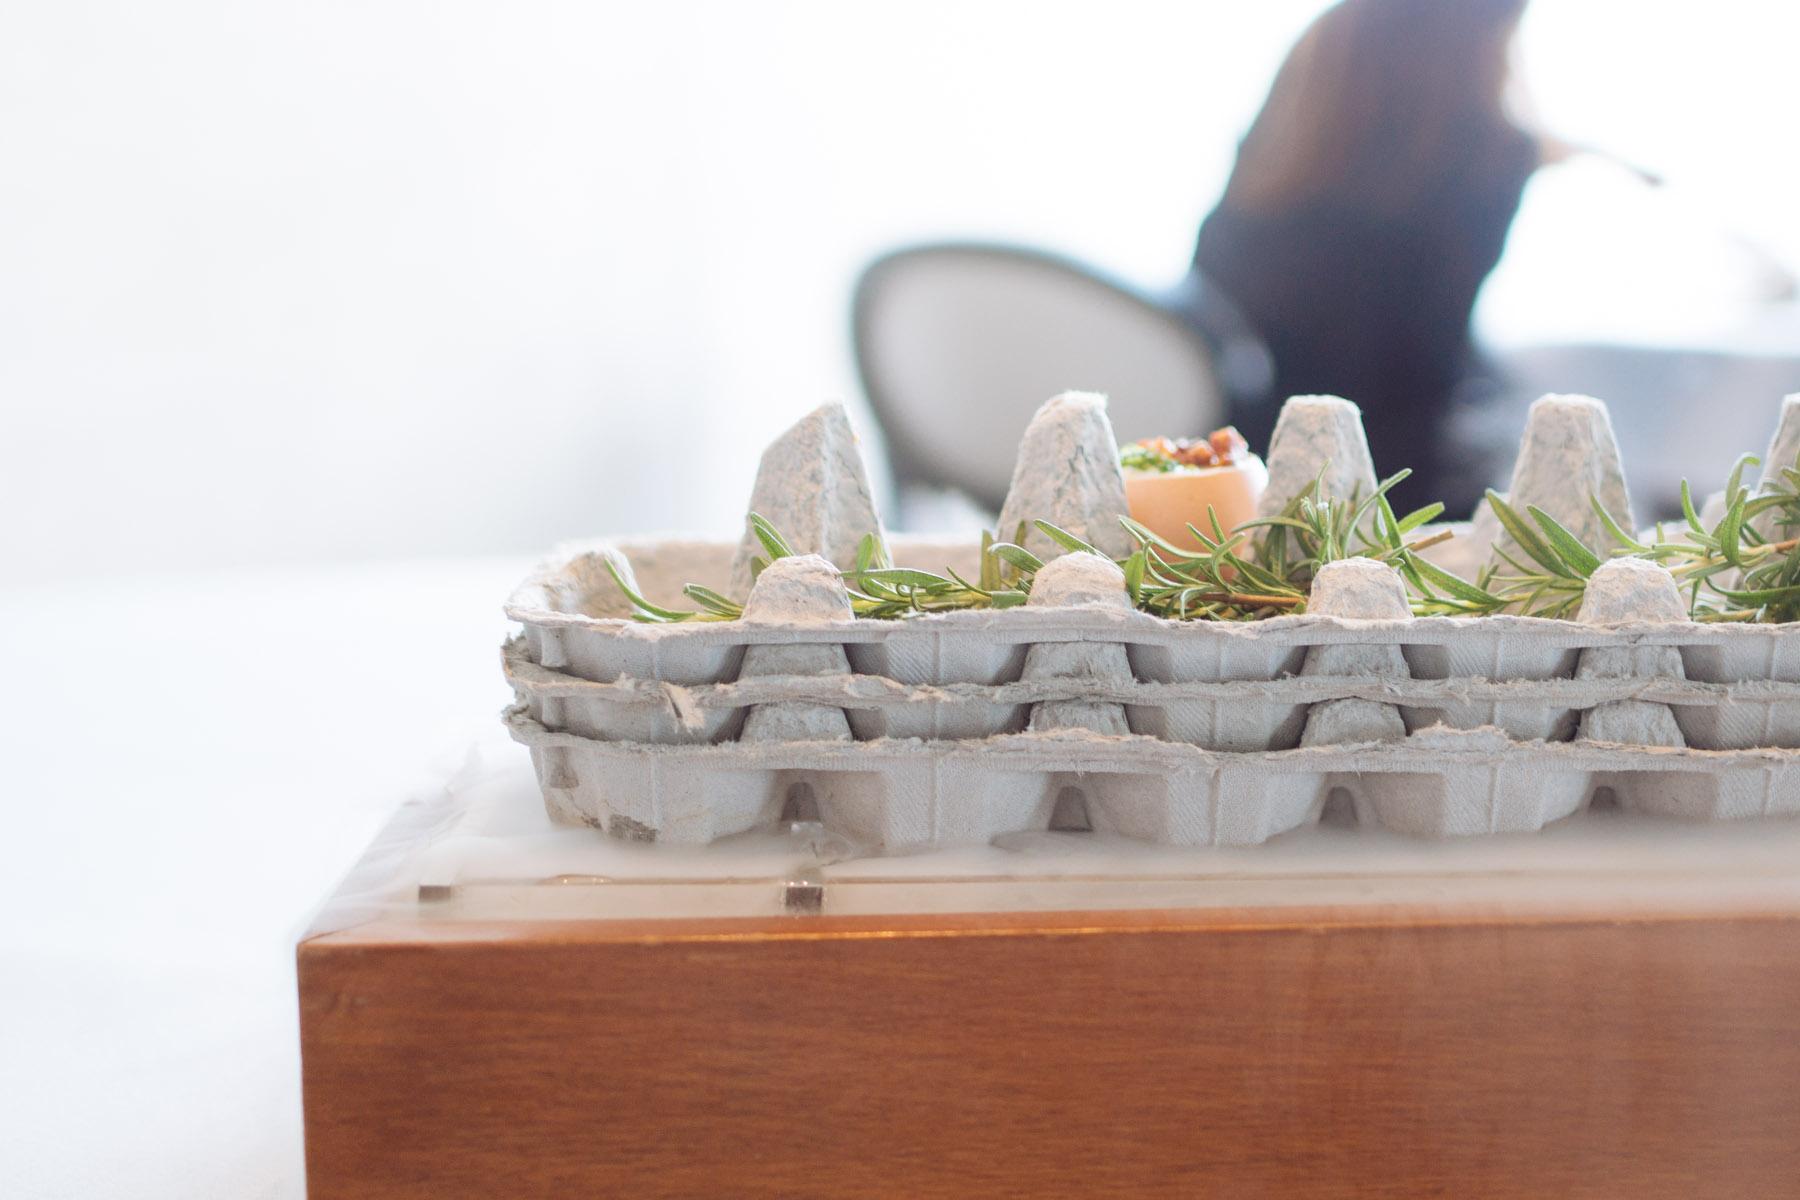 Easter-best-egg-dishes-poached-scrambled-soft-boiled-omelet-fried-deviled-yolks-1